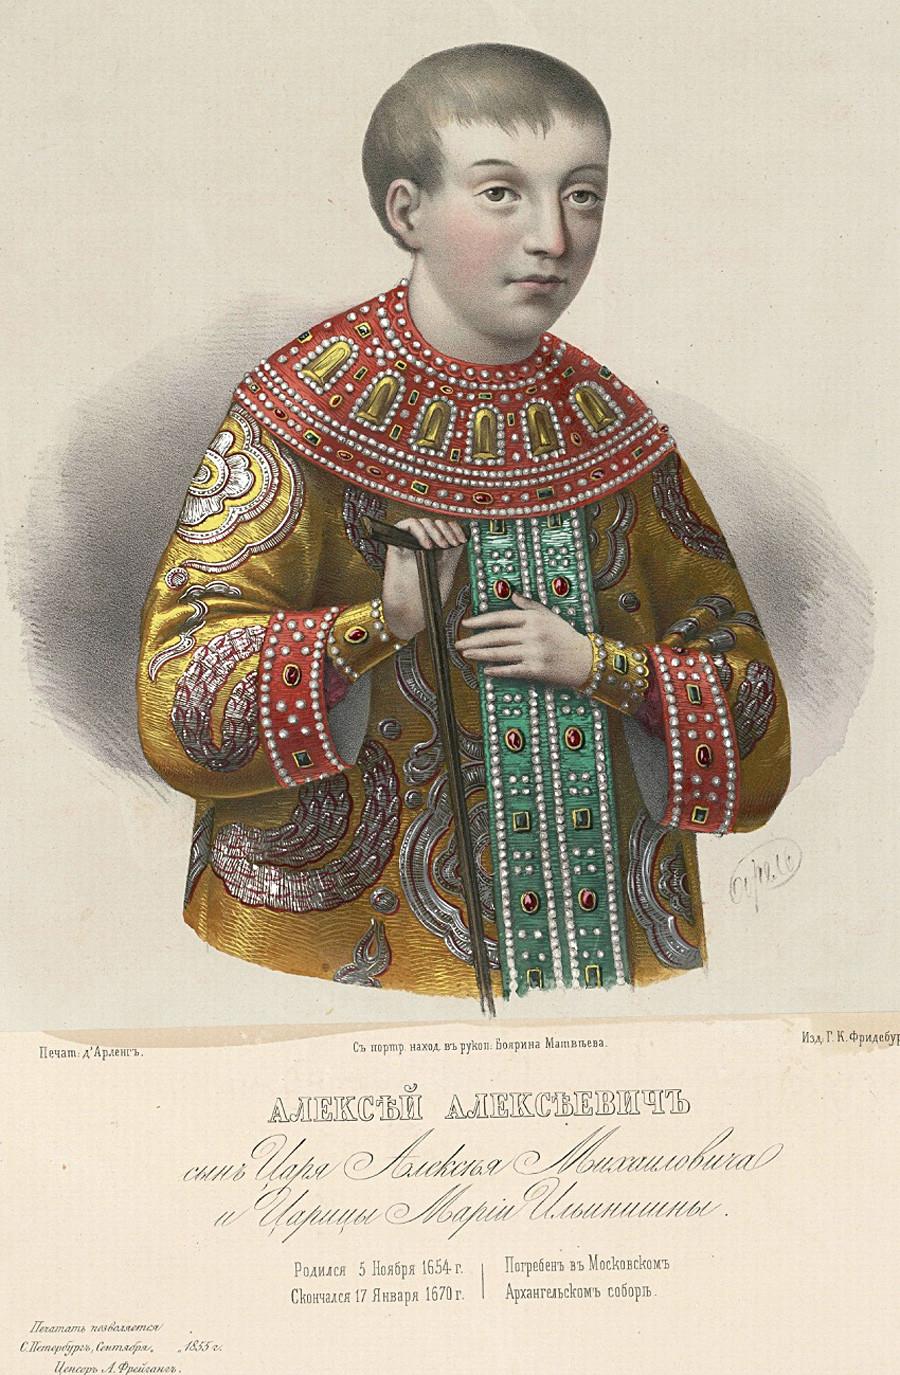 Alexeï Alexeïevitch (1654-1670)